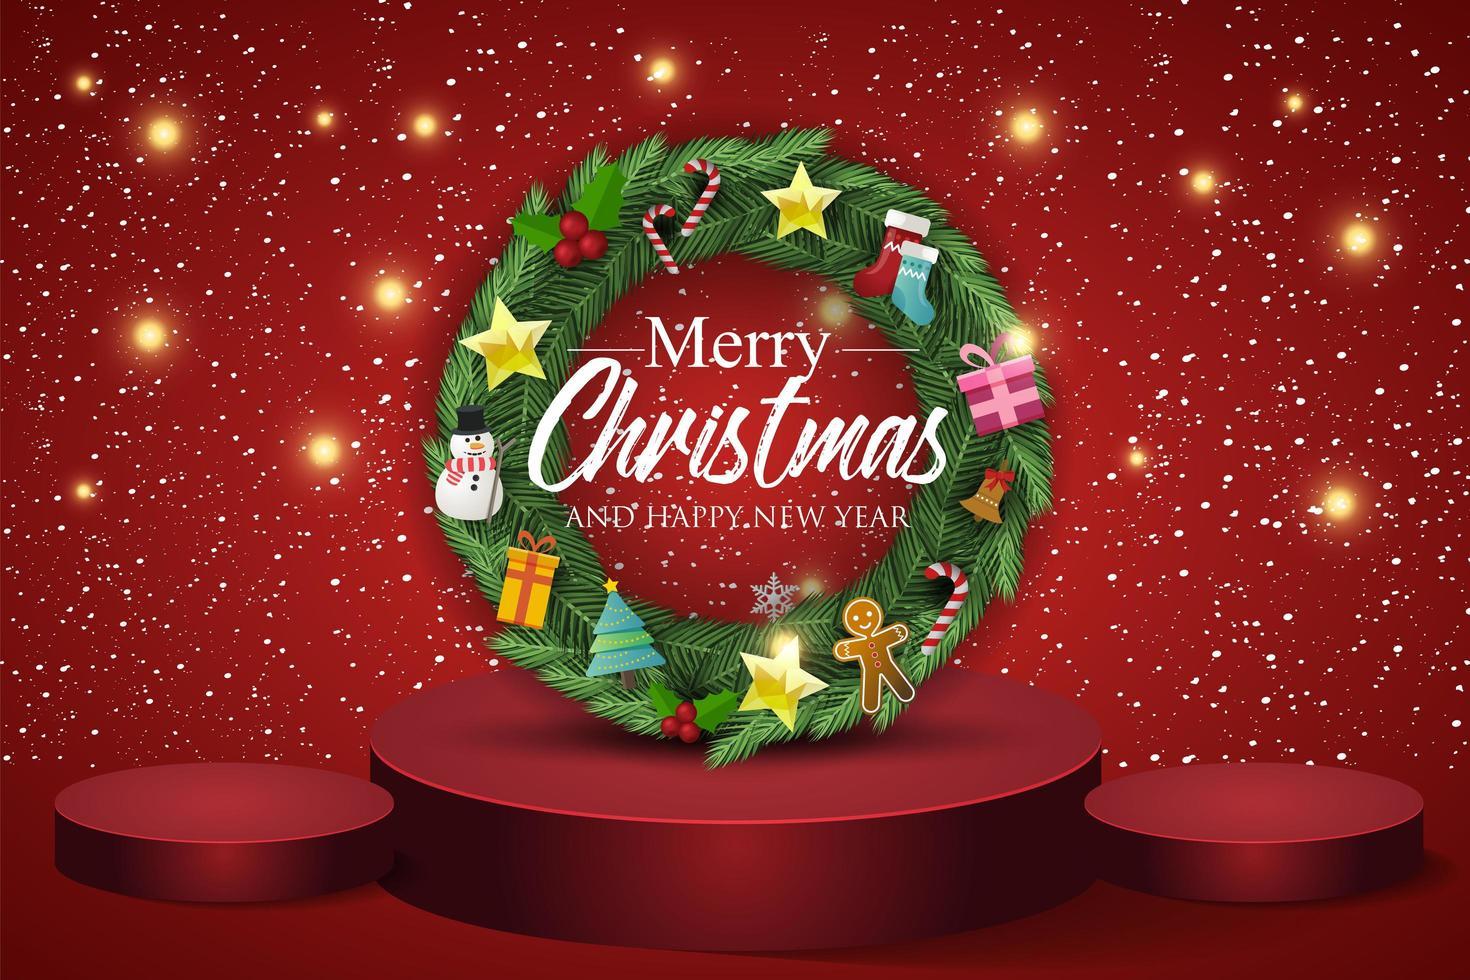 julkrans på röd bakgrund. text god jul och gott nytt år. vektor